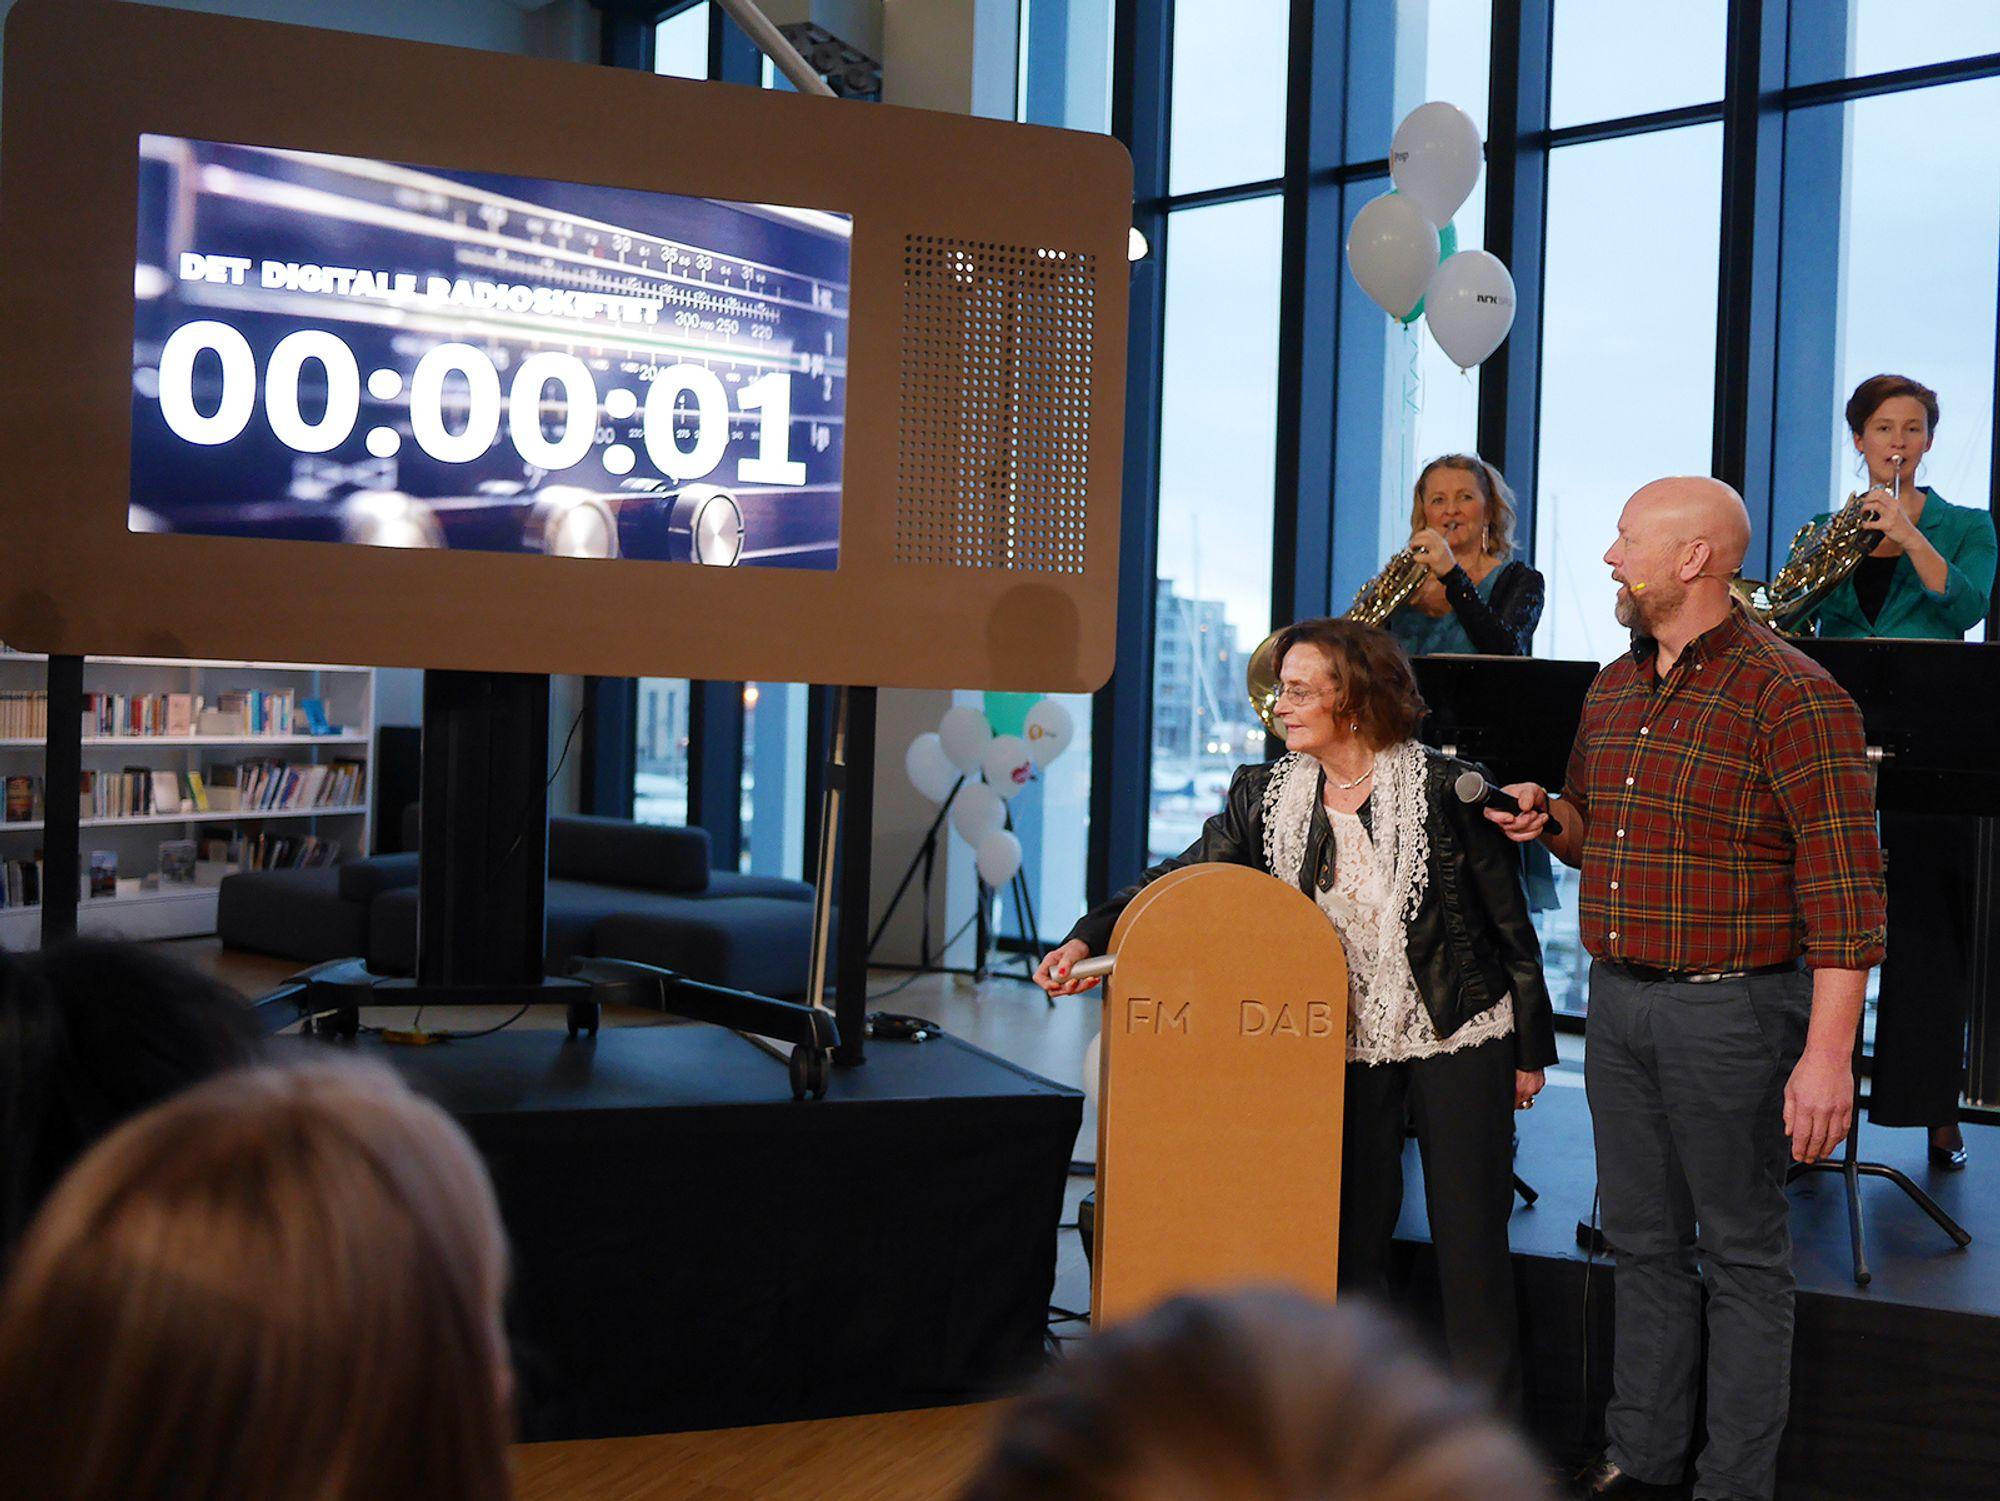 NRK Nordland-lytter, Berit Olderskog, drar i den symbolske spaken da FM-nettet i Nordland blir slukket 11. januar kl. 11.11. Til høyre programleder Geir Schau i Radio Norge. Foto: Stian Sønsteng